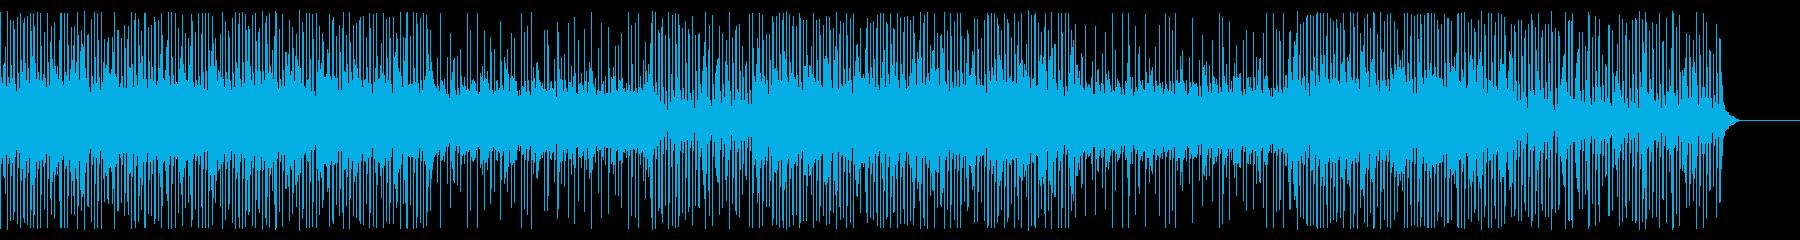 睨み合い 和風 三味線 カッコいい 対決の再生済みの波形